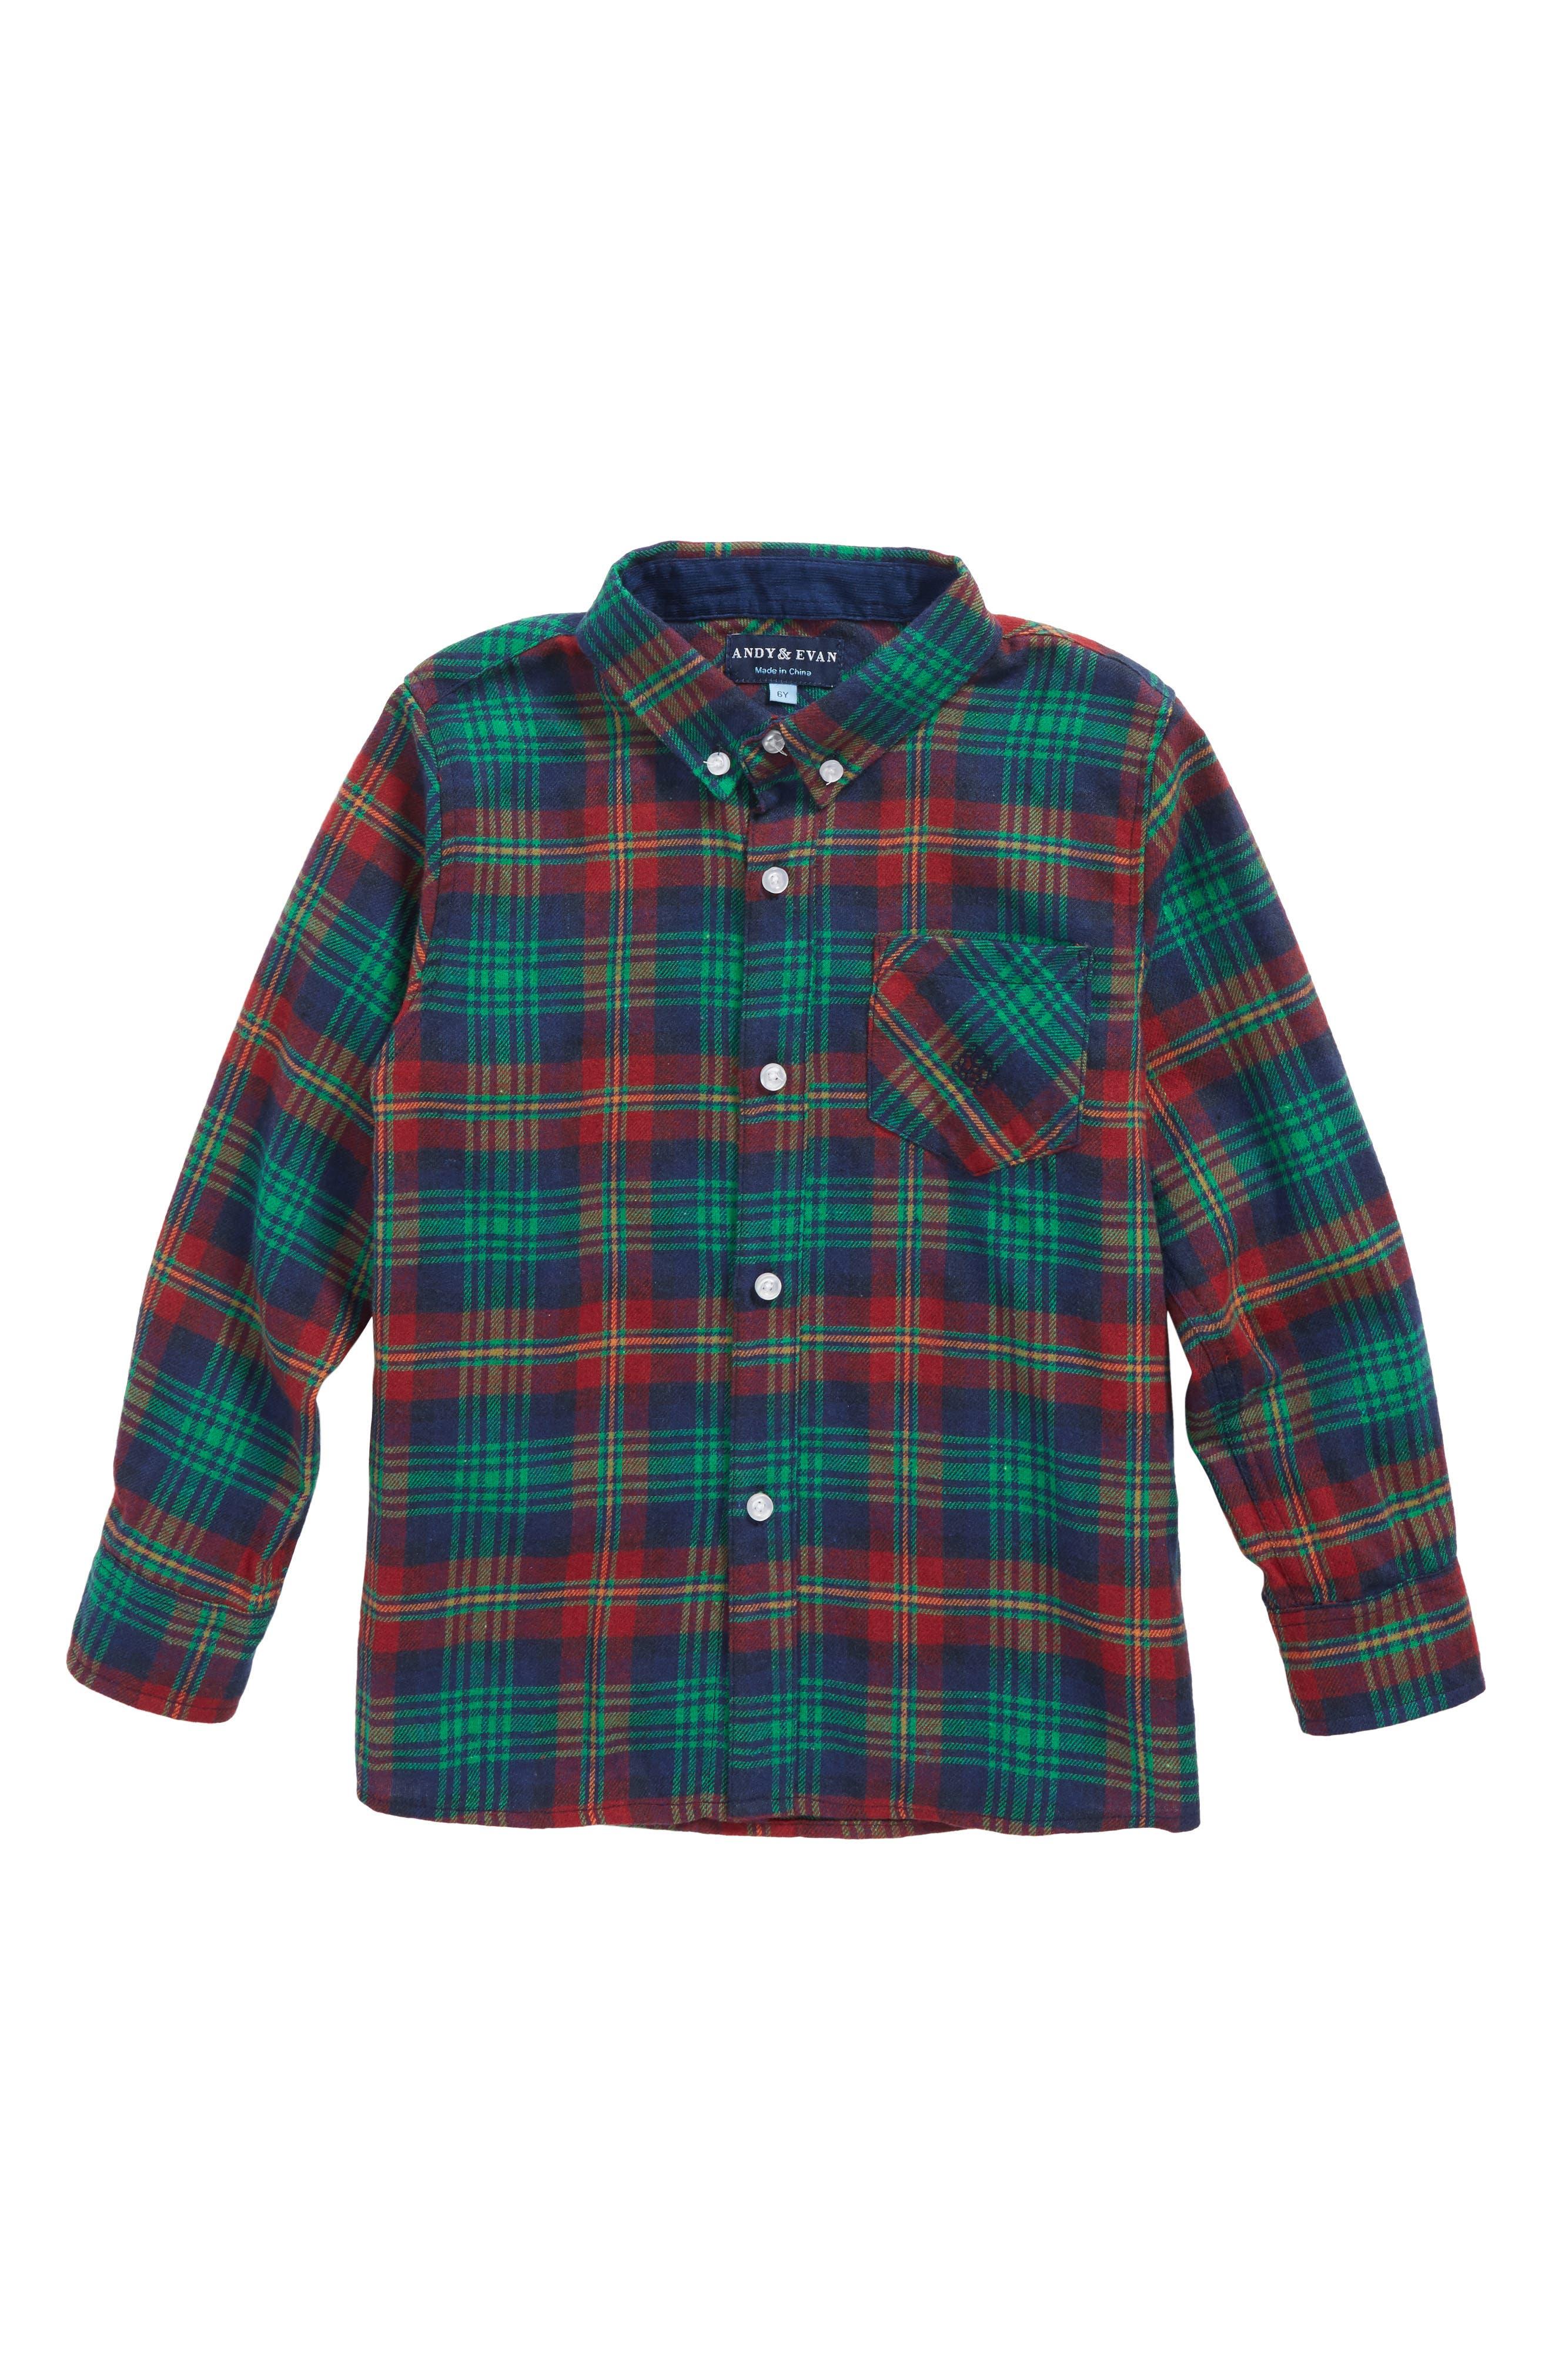 Plaid Woven Shirt,                             Main thumbnail 1, color,                             Navy/ Red/ Green